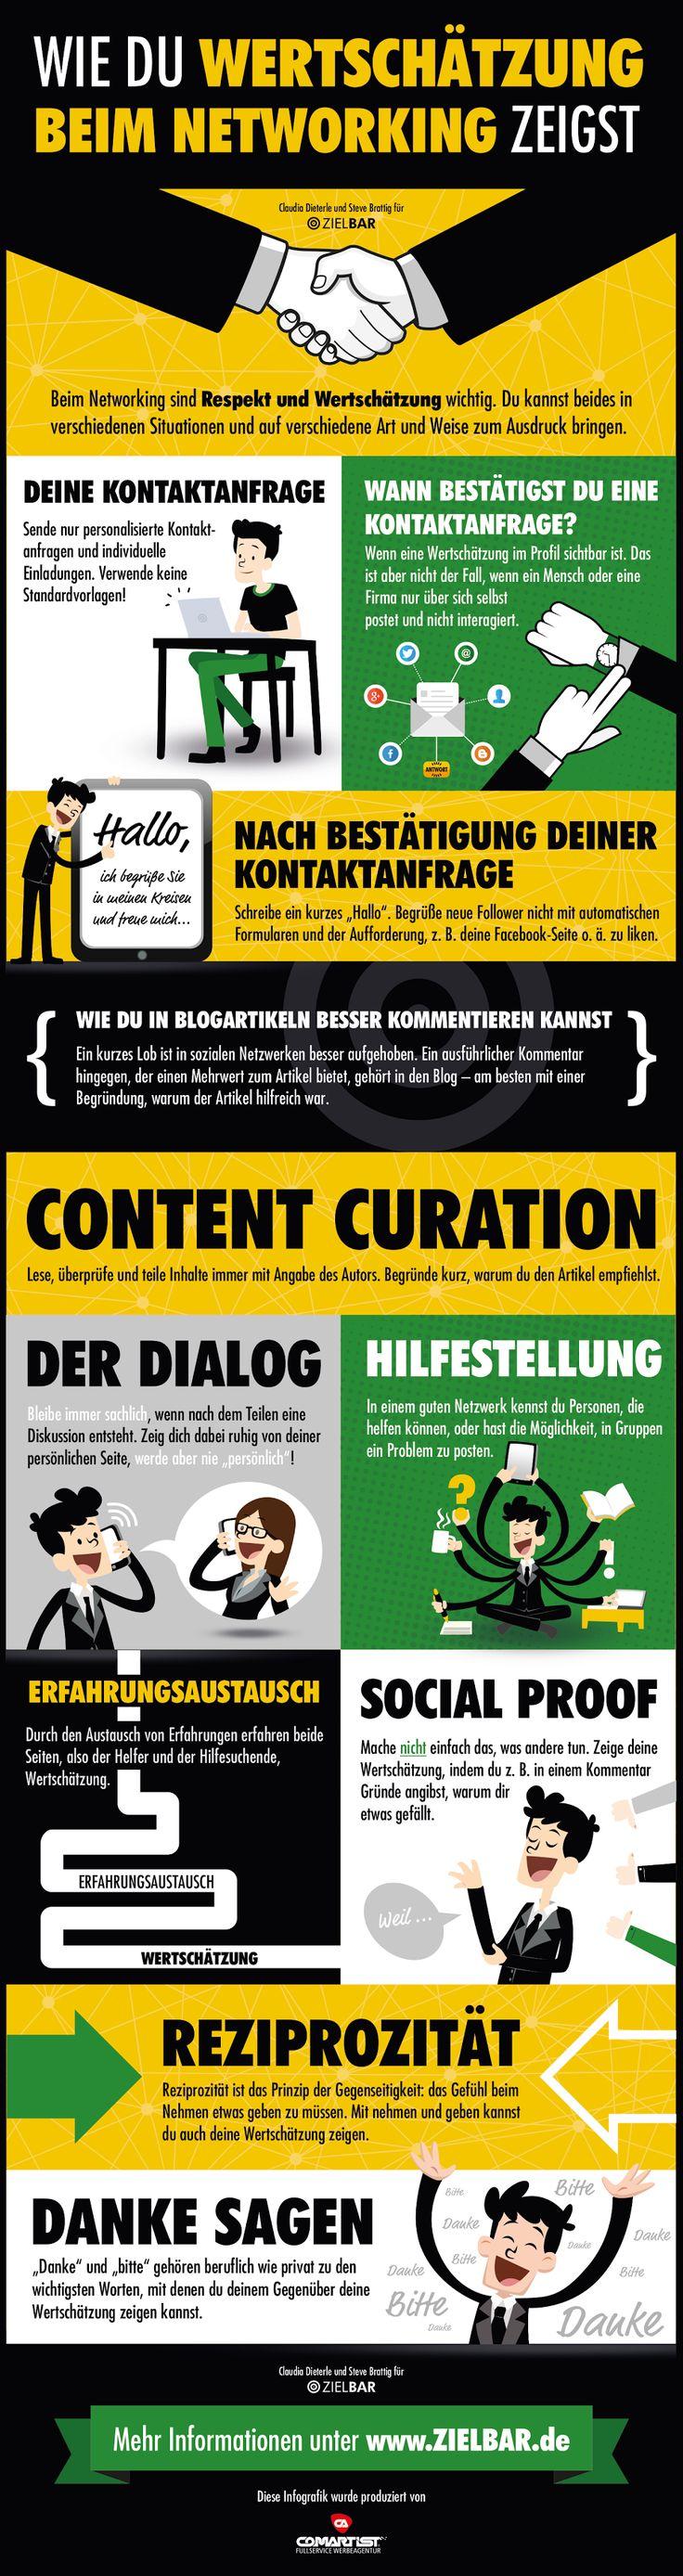 Infografik: Wertschätzung beim Netzworking | ZIELBAR